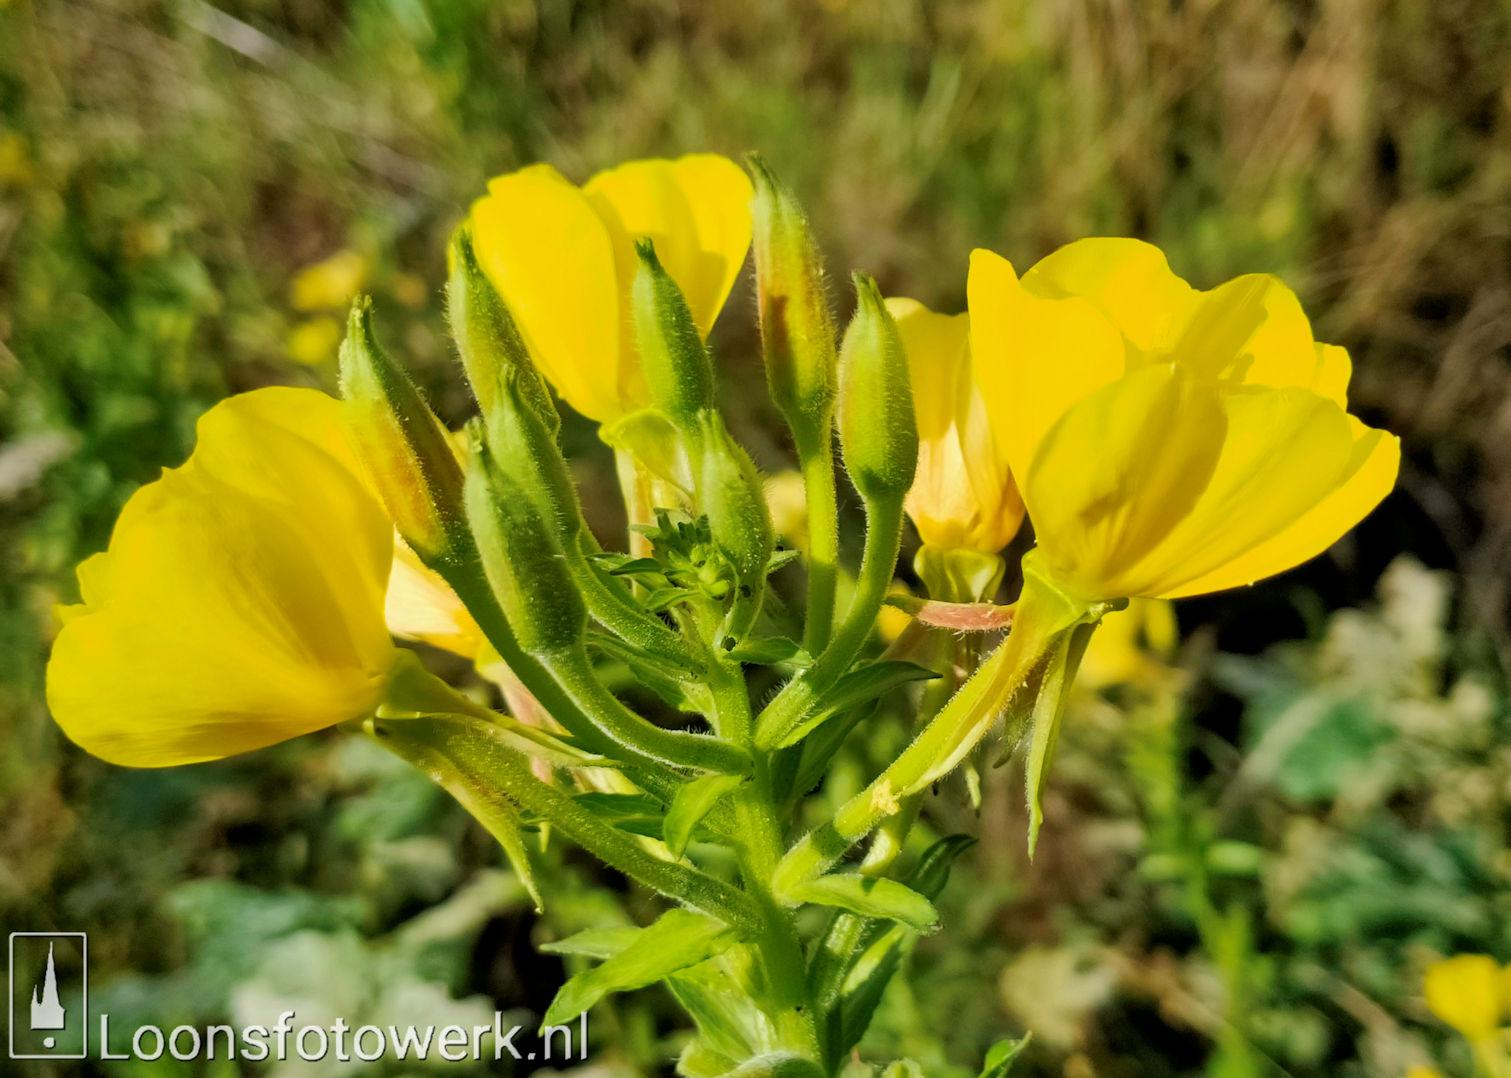 Vandaag is geel 7